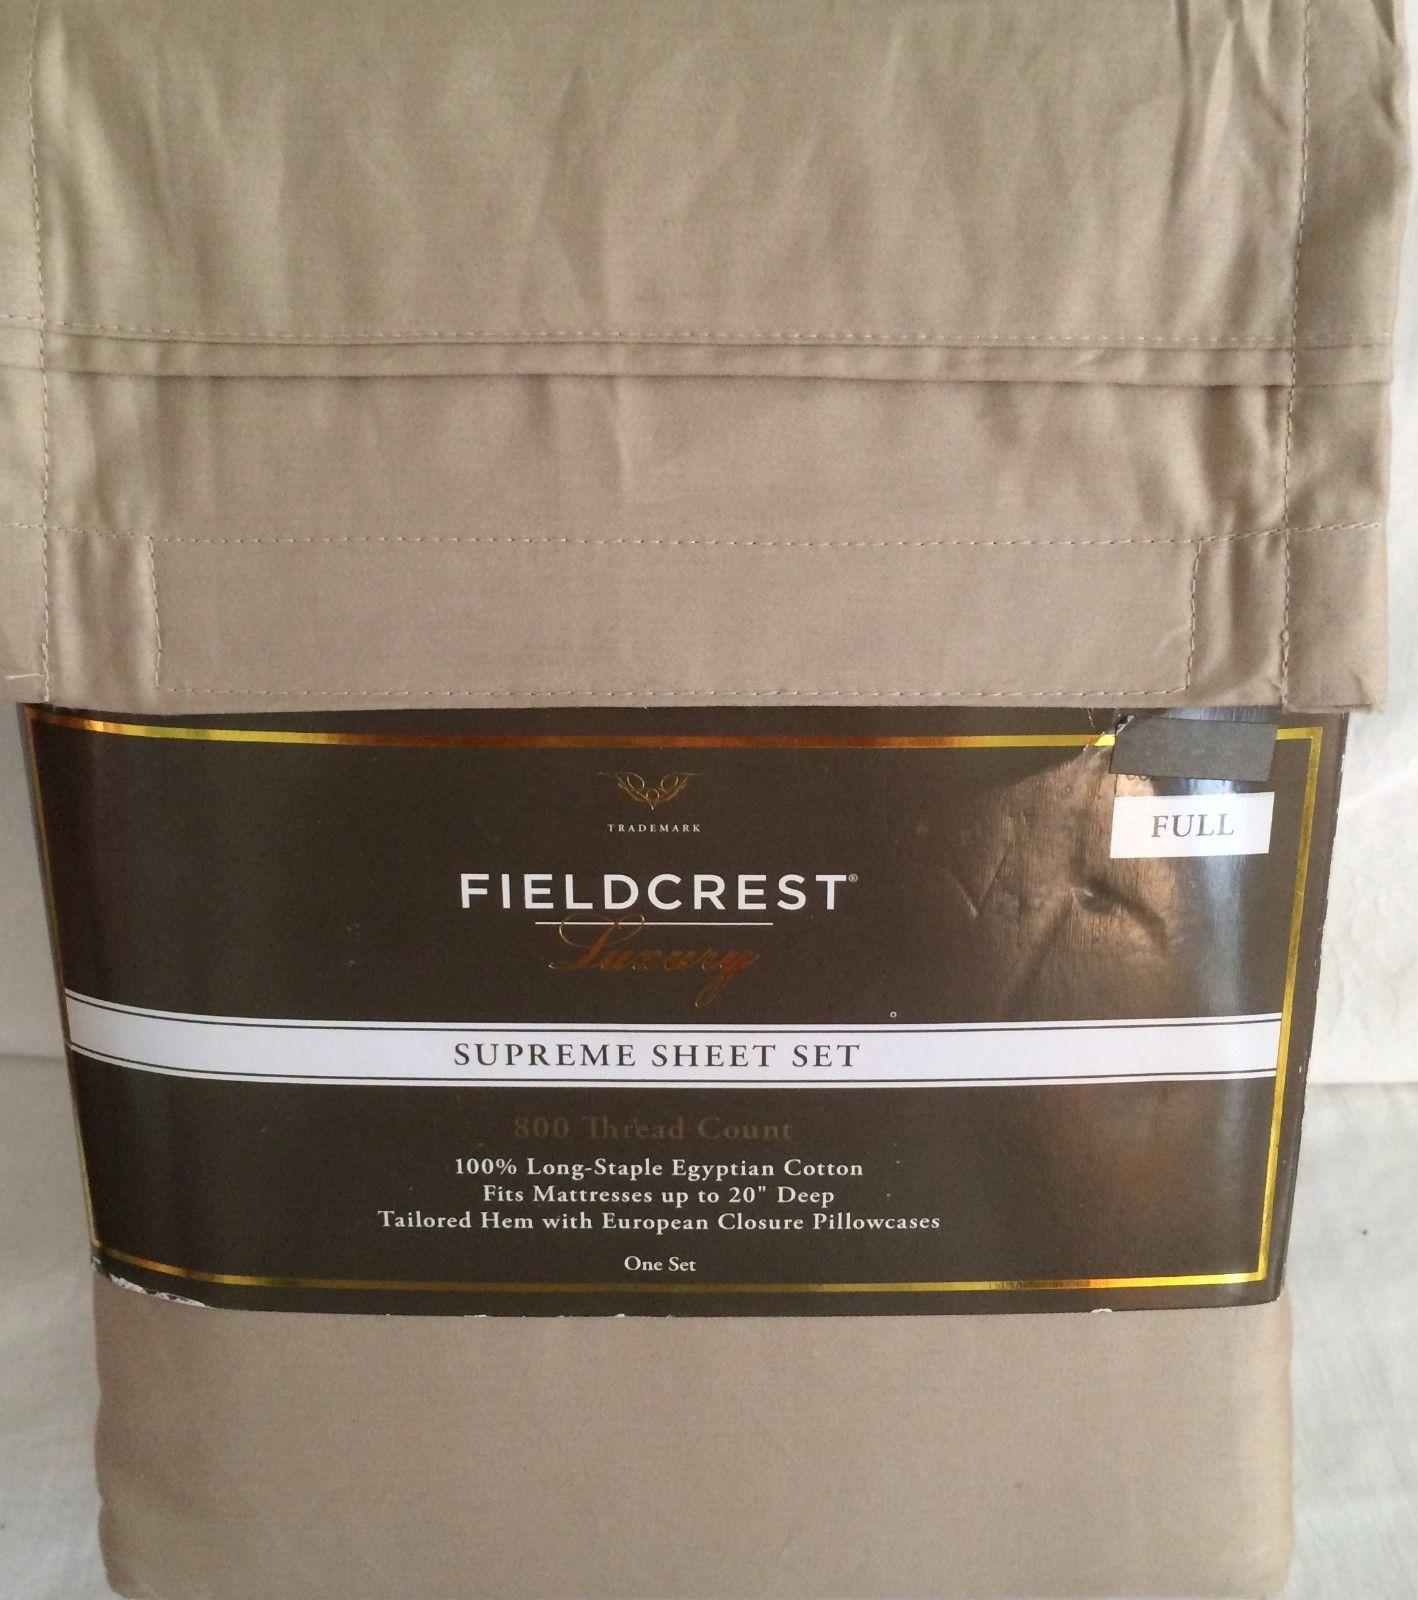 Fieldcrest Luxury Sheets | Fieldcrest Luxury Towels | Wamsutta Bamboo Sheets